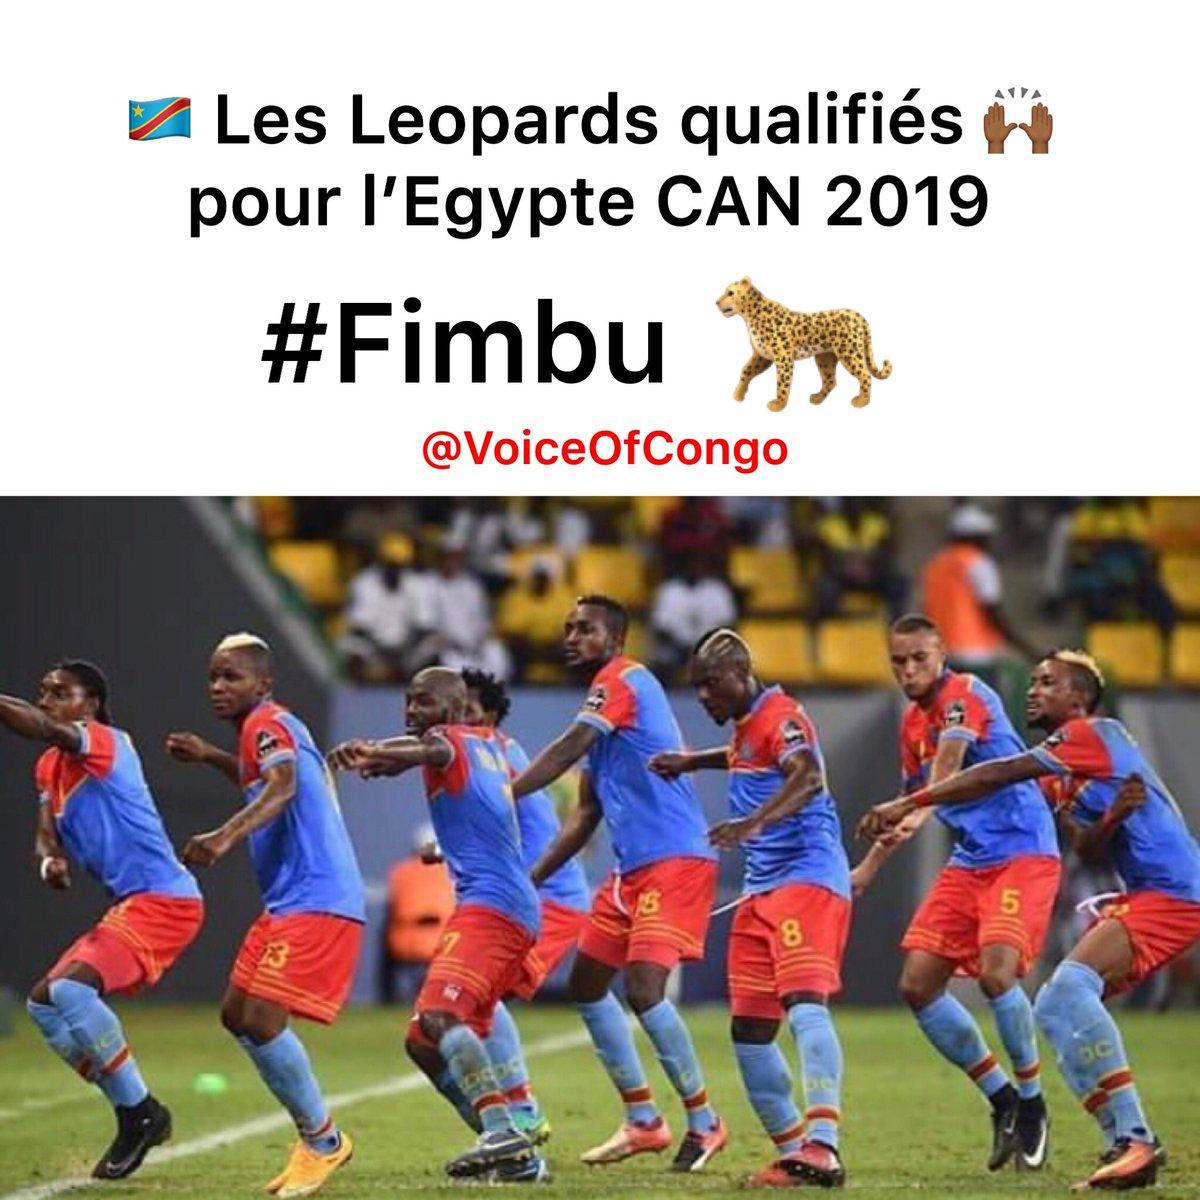 Les Léopards 🇨🇩🐆 qualifiés pour l'Égypte CAN 2019 après leur victoire contre Liberia 🇱🇷 . #Can2019